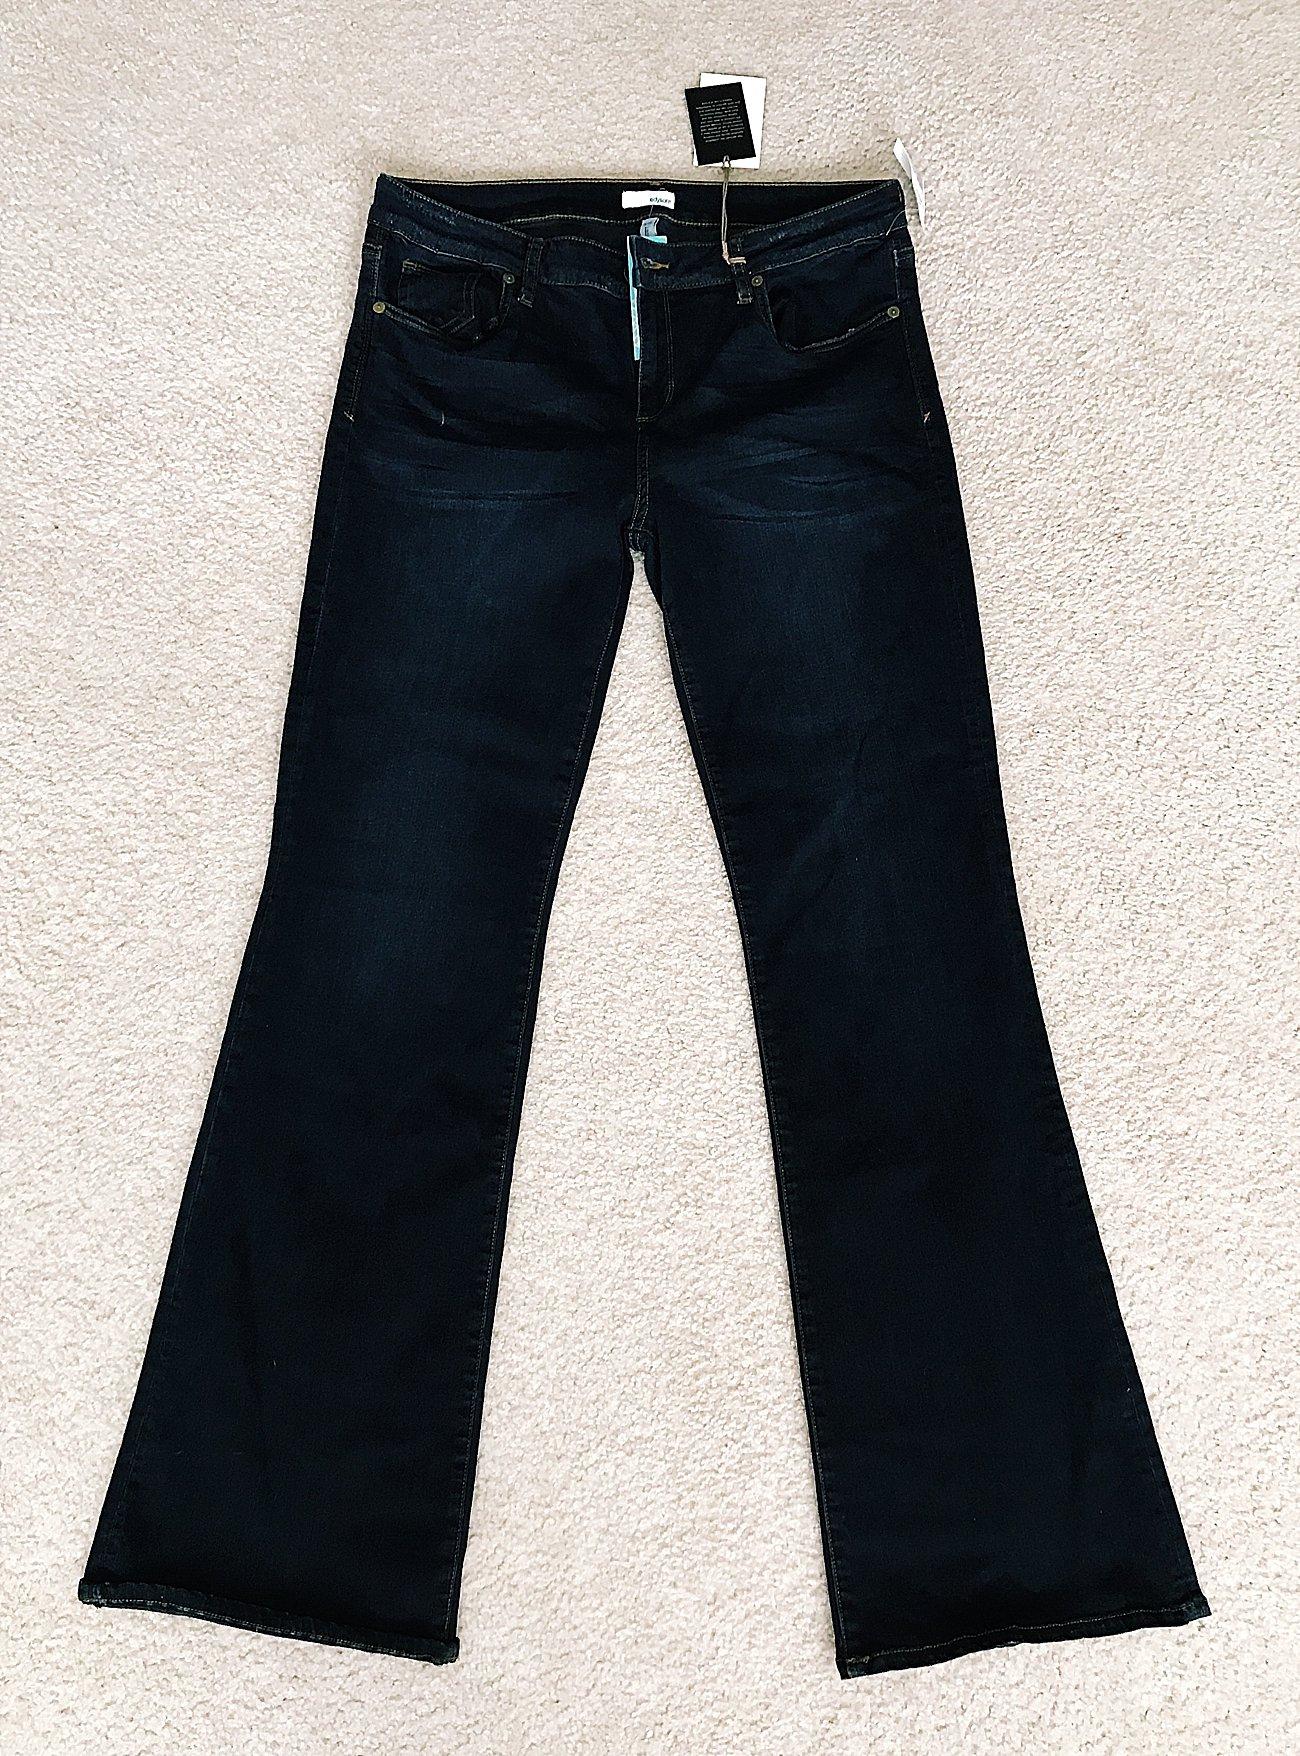 """Edyson """"Mayfare Bootcut Jean"""" - Size 14 - $58"""